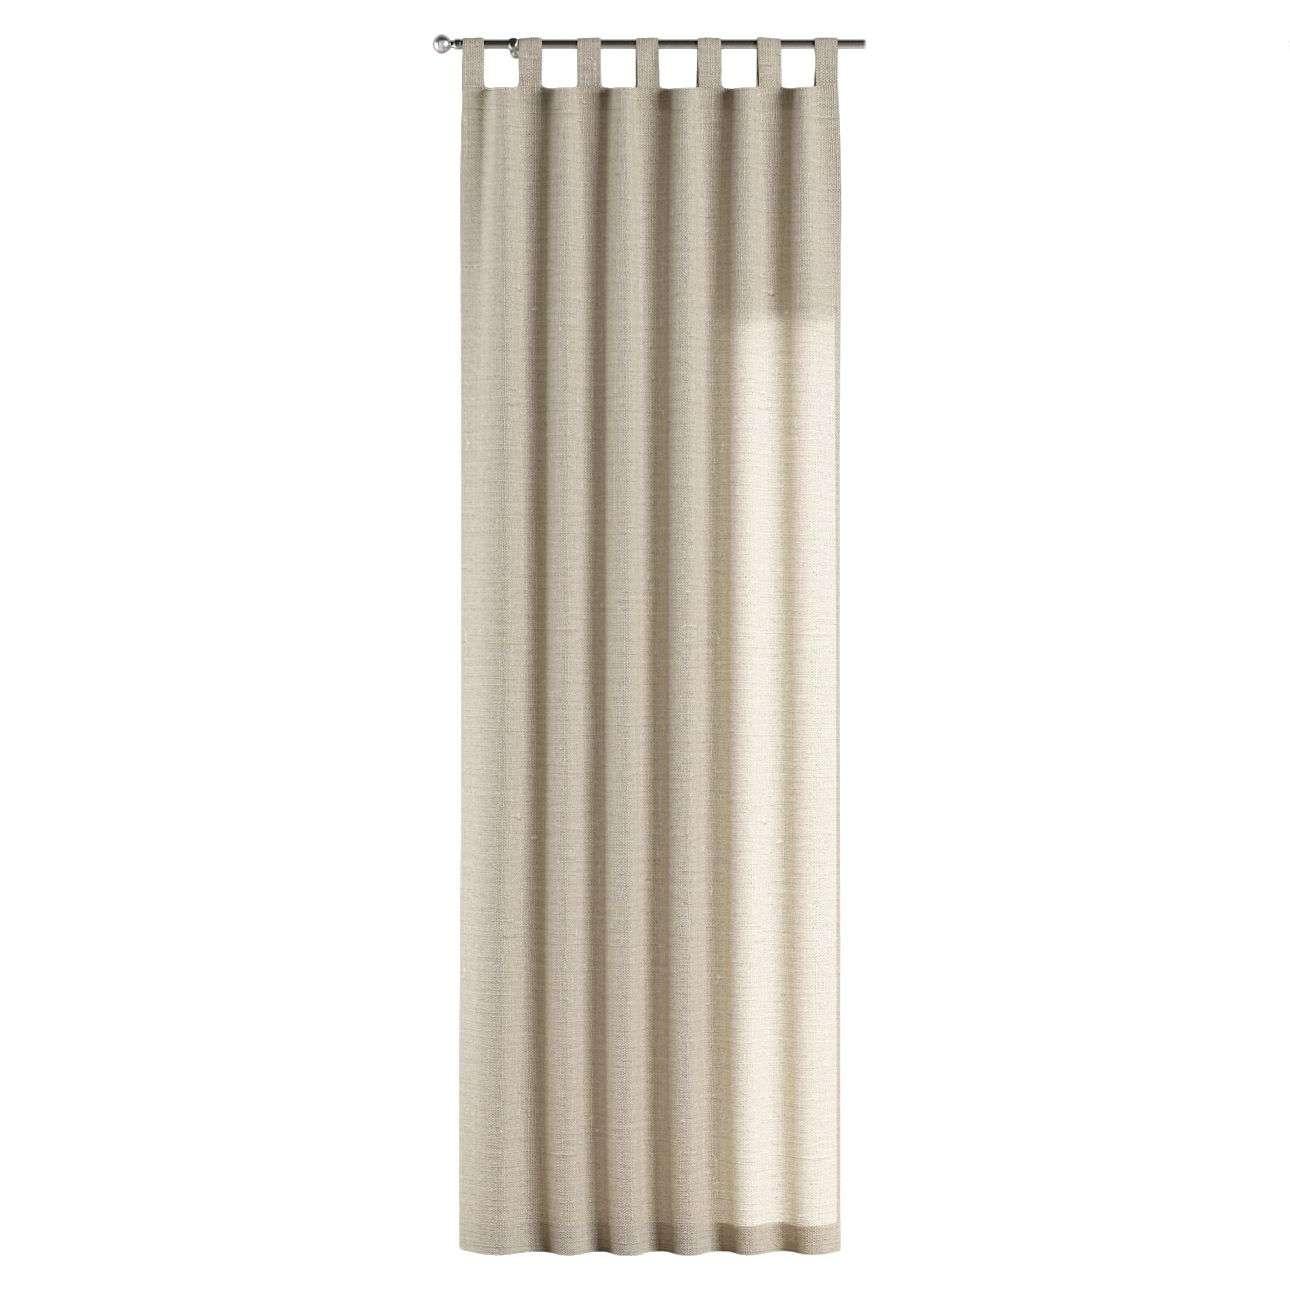 Závěs na poutka 130 x 260 cm v kolekci Linen, látka: 392-05